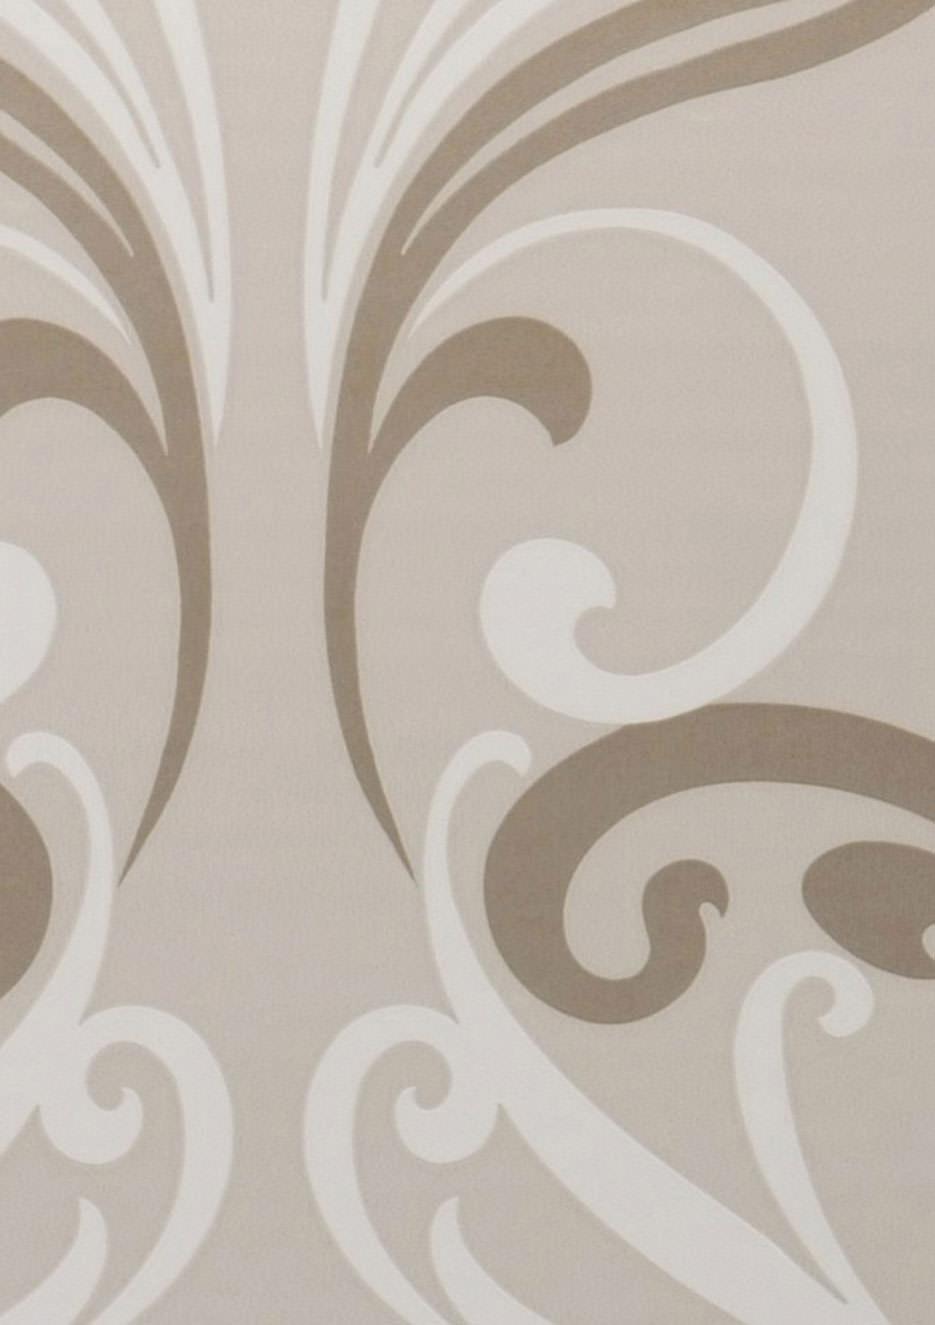 tapete jupiter hellelfenbein perlglanz cremeweiss gold tapeten der 70er. Black Bedroom Furniture Sets. Home Design Ideas